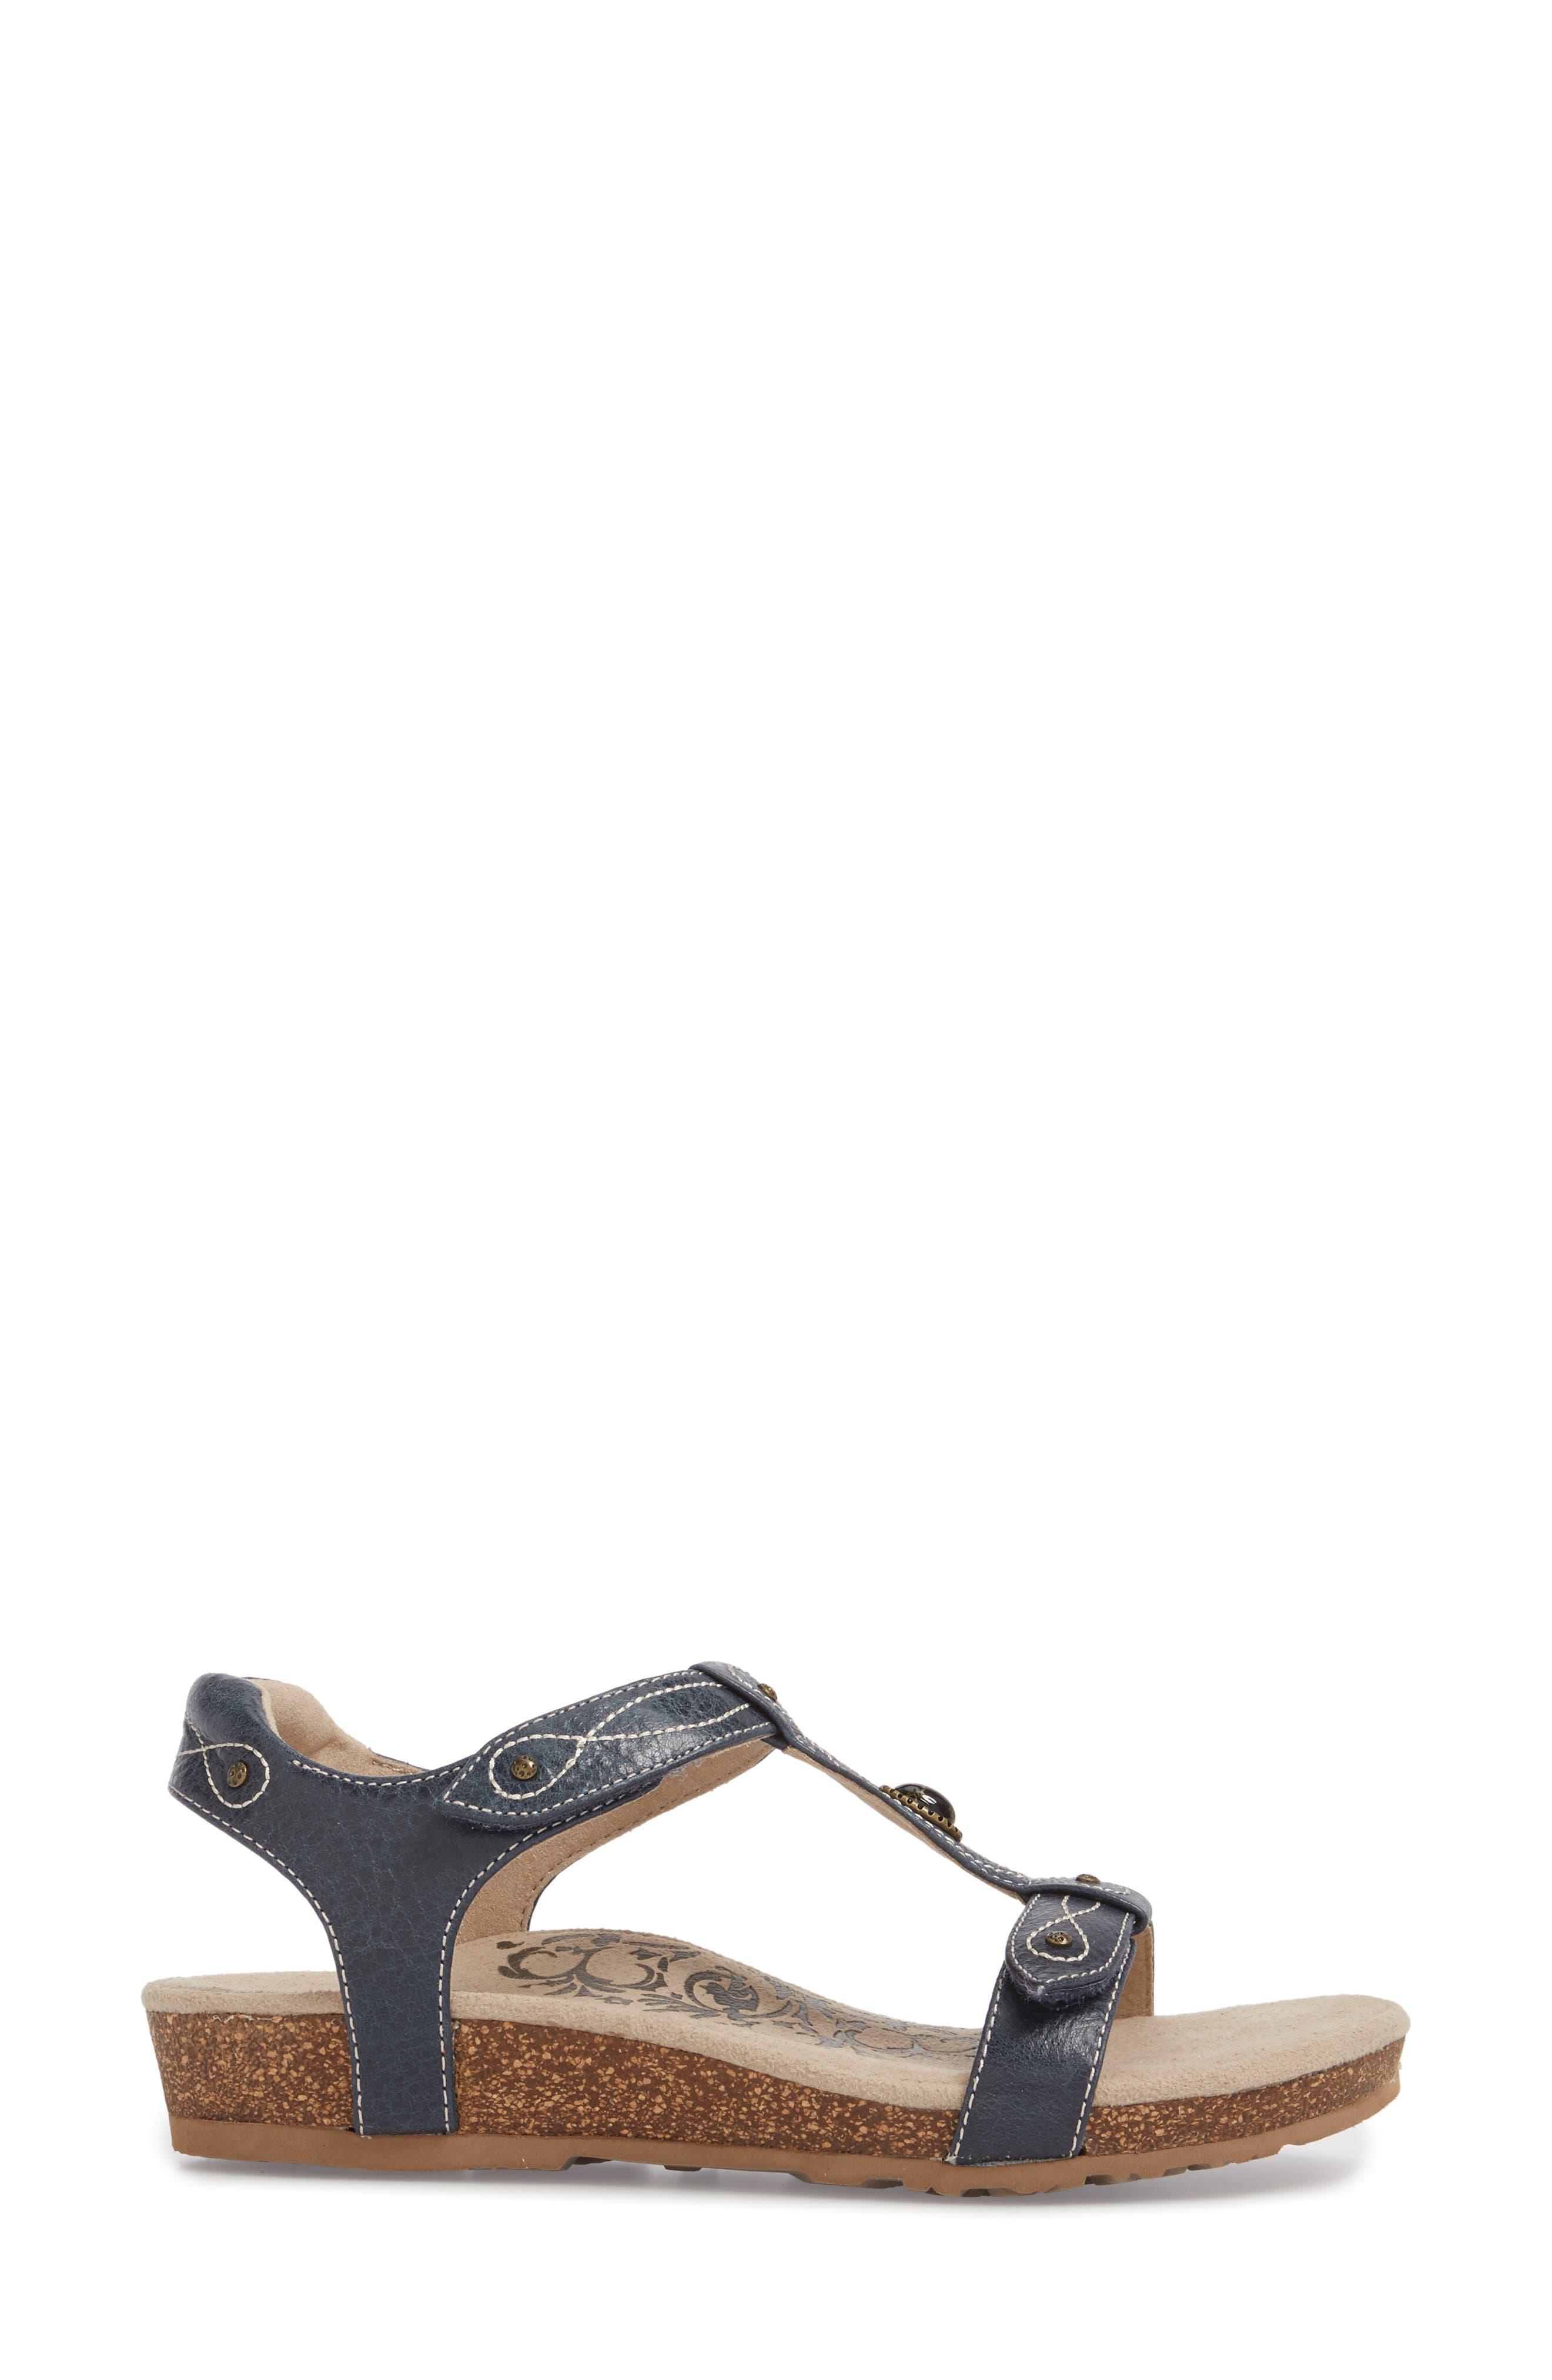 'Lori' Sandal,                             Alternate thumbnail 3, color,                             Navy Leather